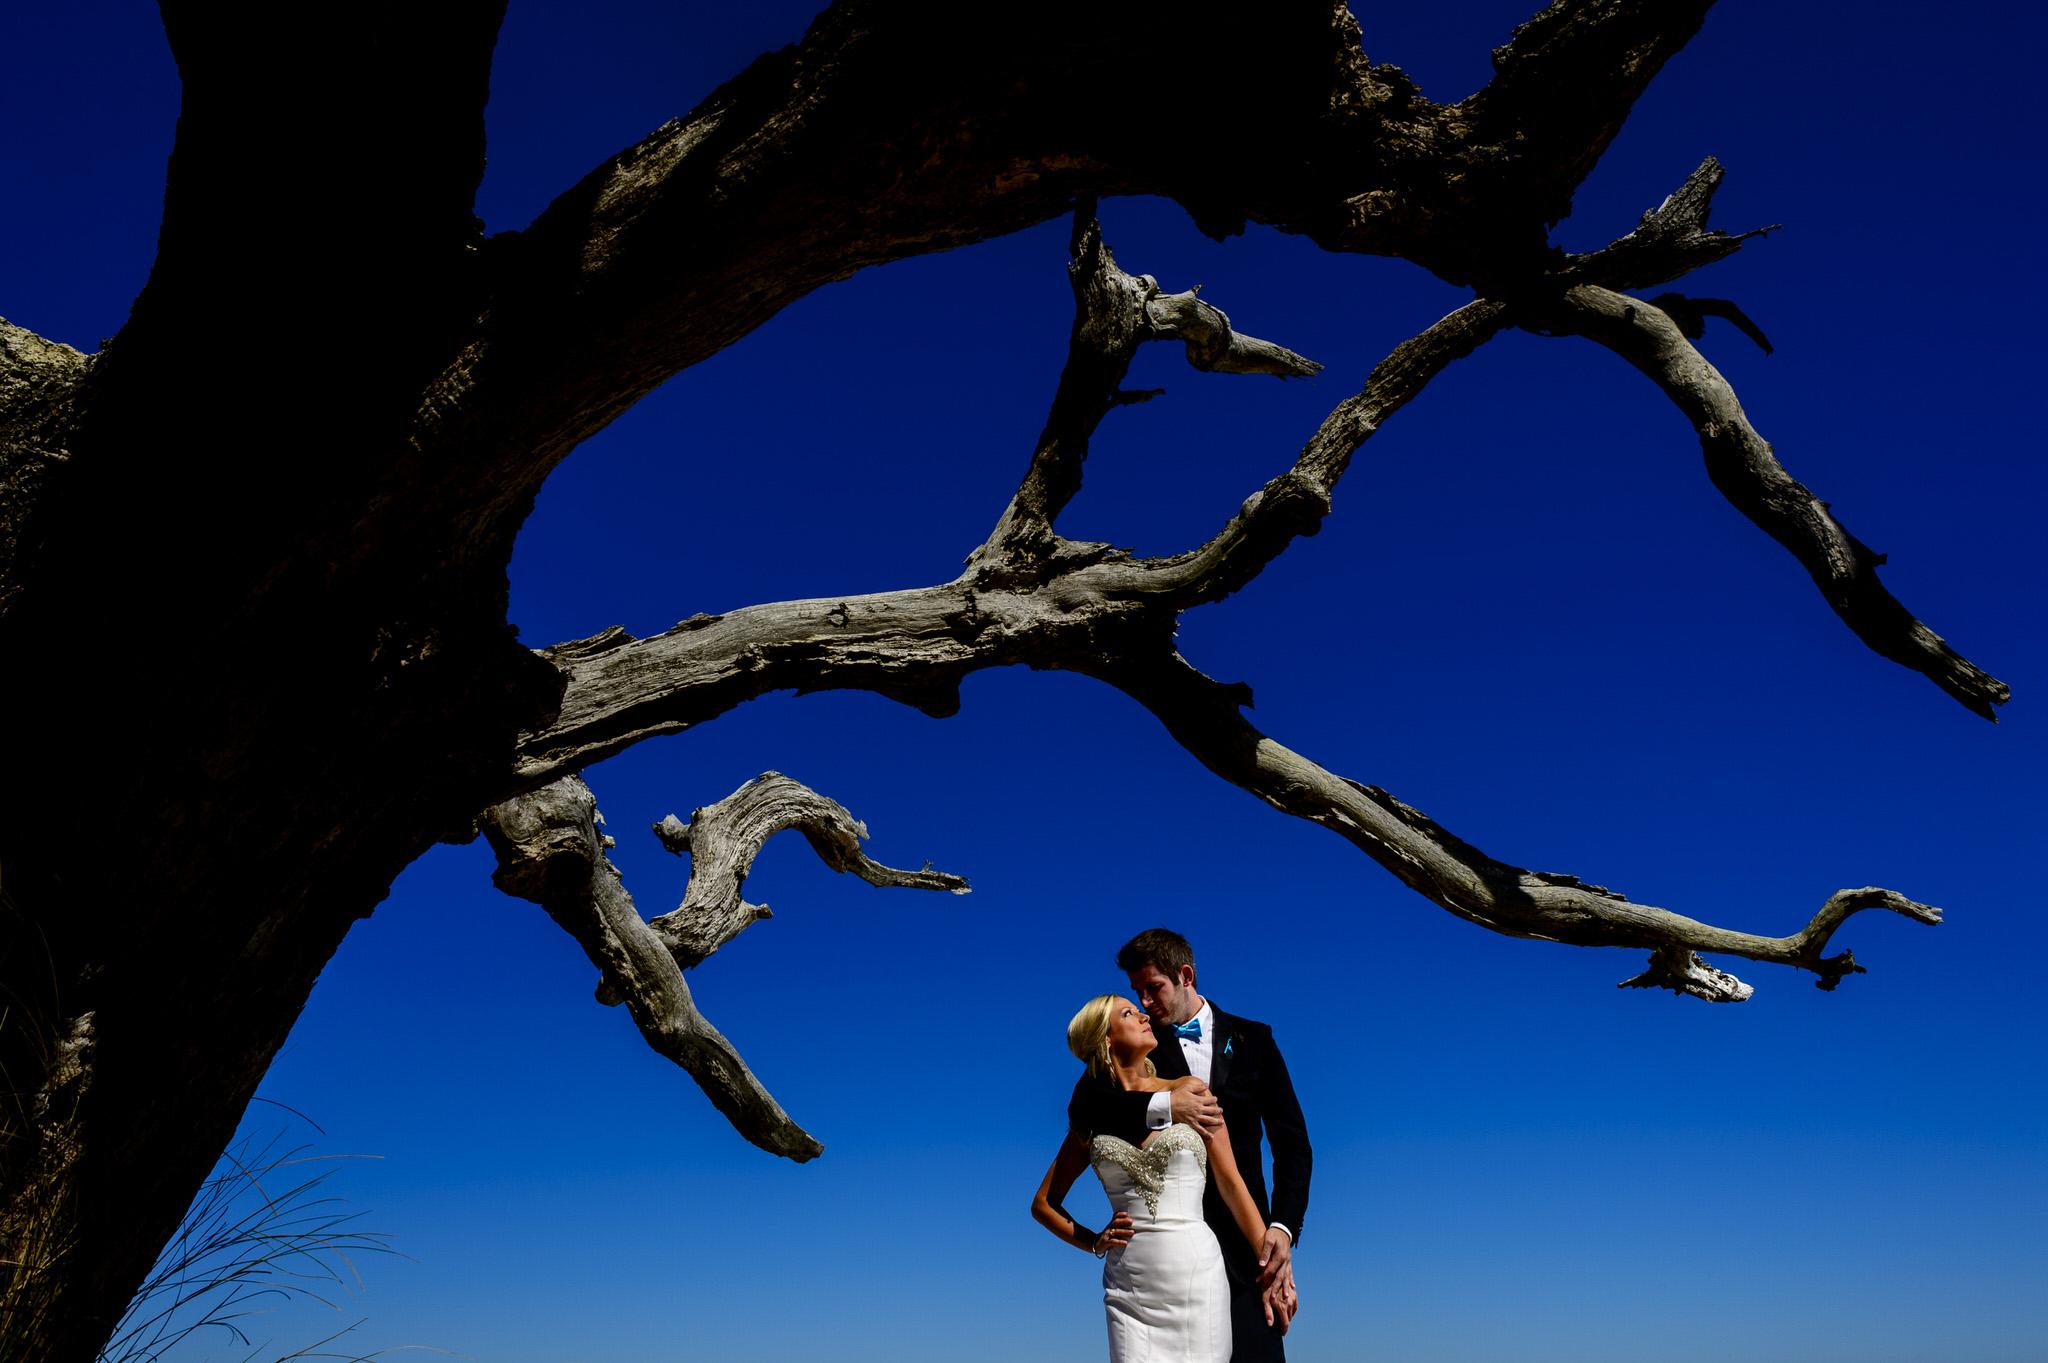 Sarah and Clint's wedding in DeBordieu, South Carolina.